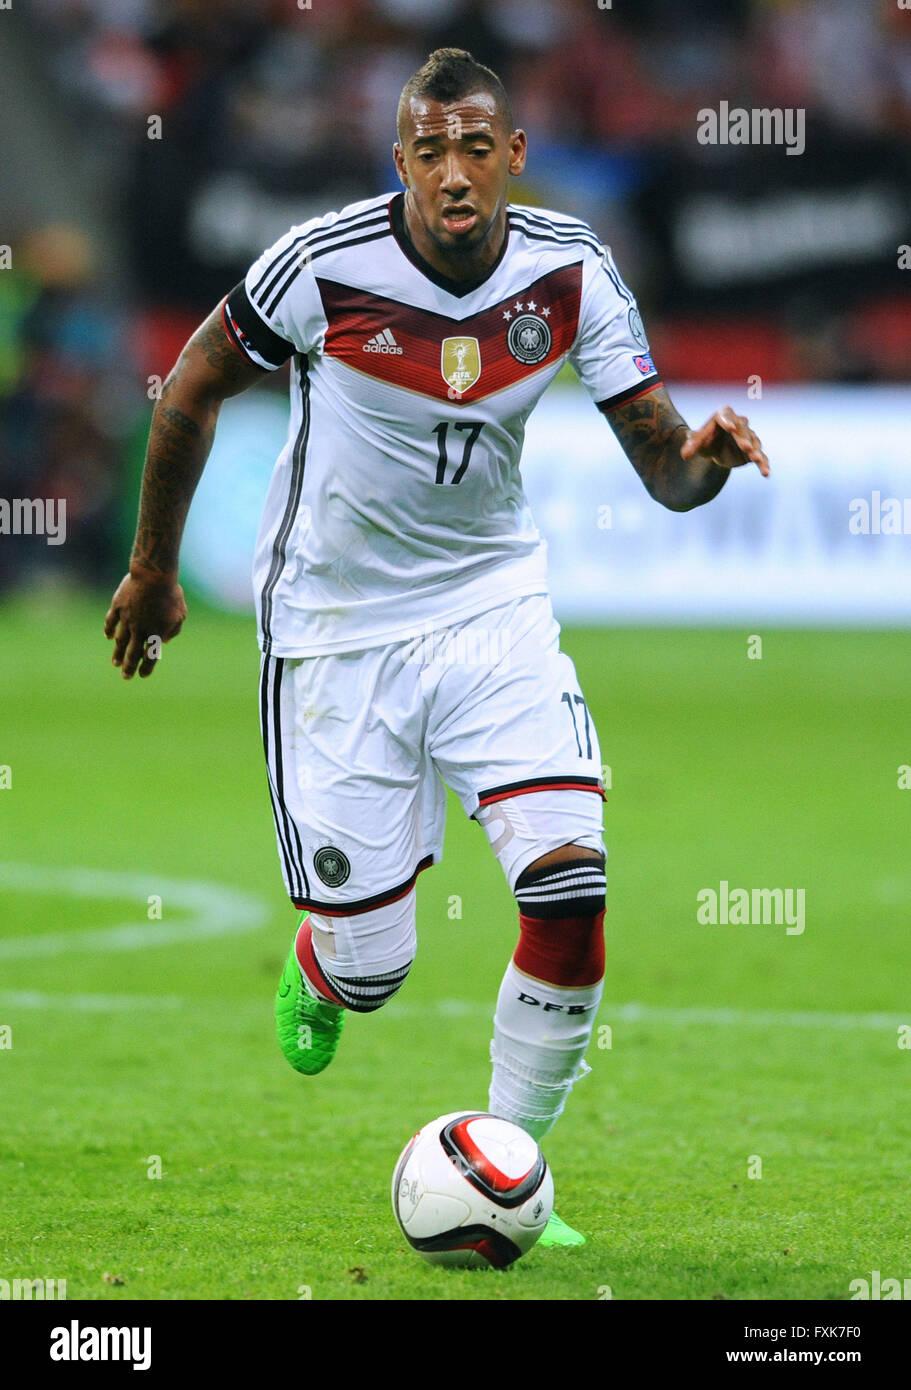 Jerome Boateng GER qualifier for UEFA Euro 2016 merzbank